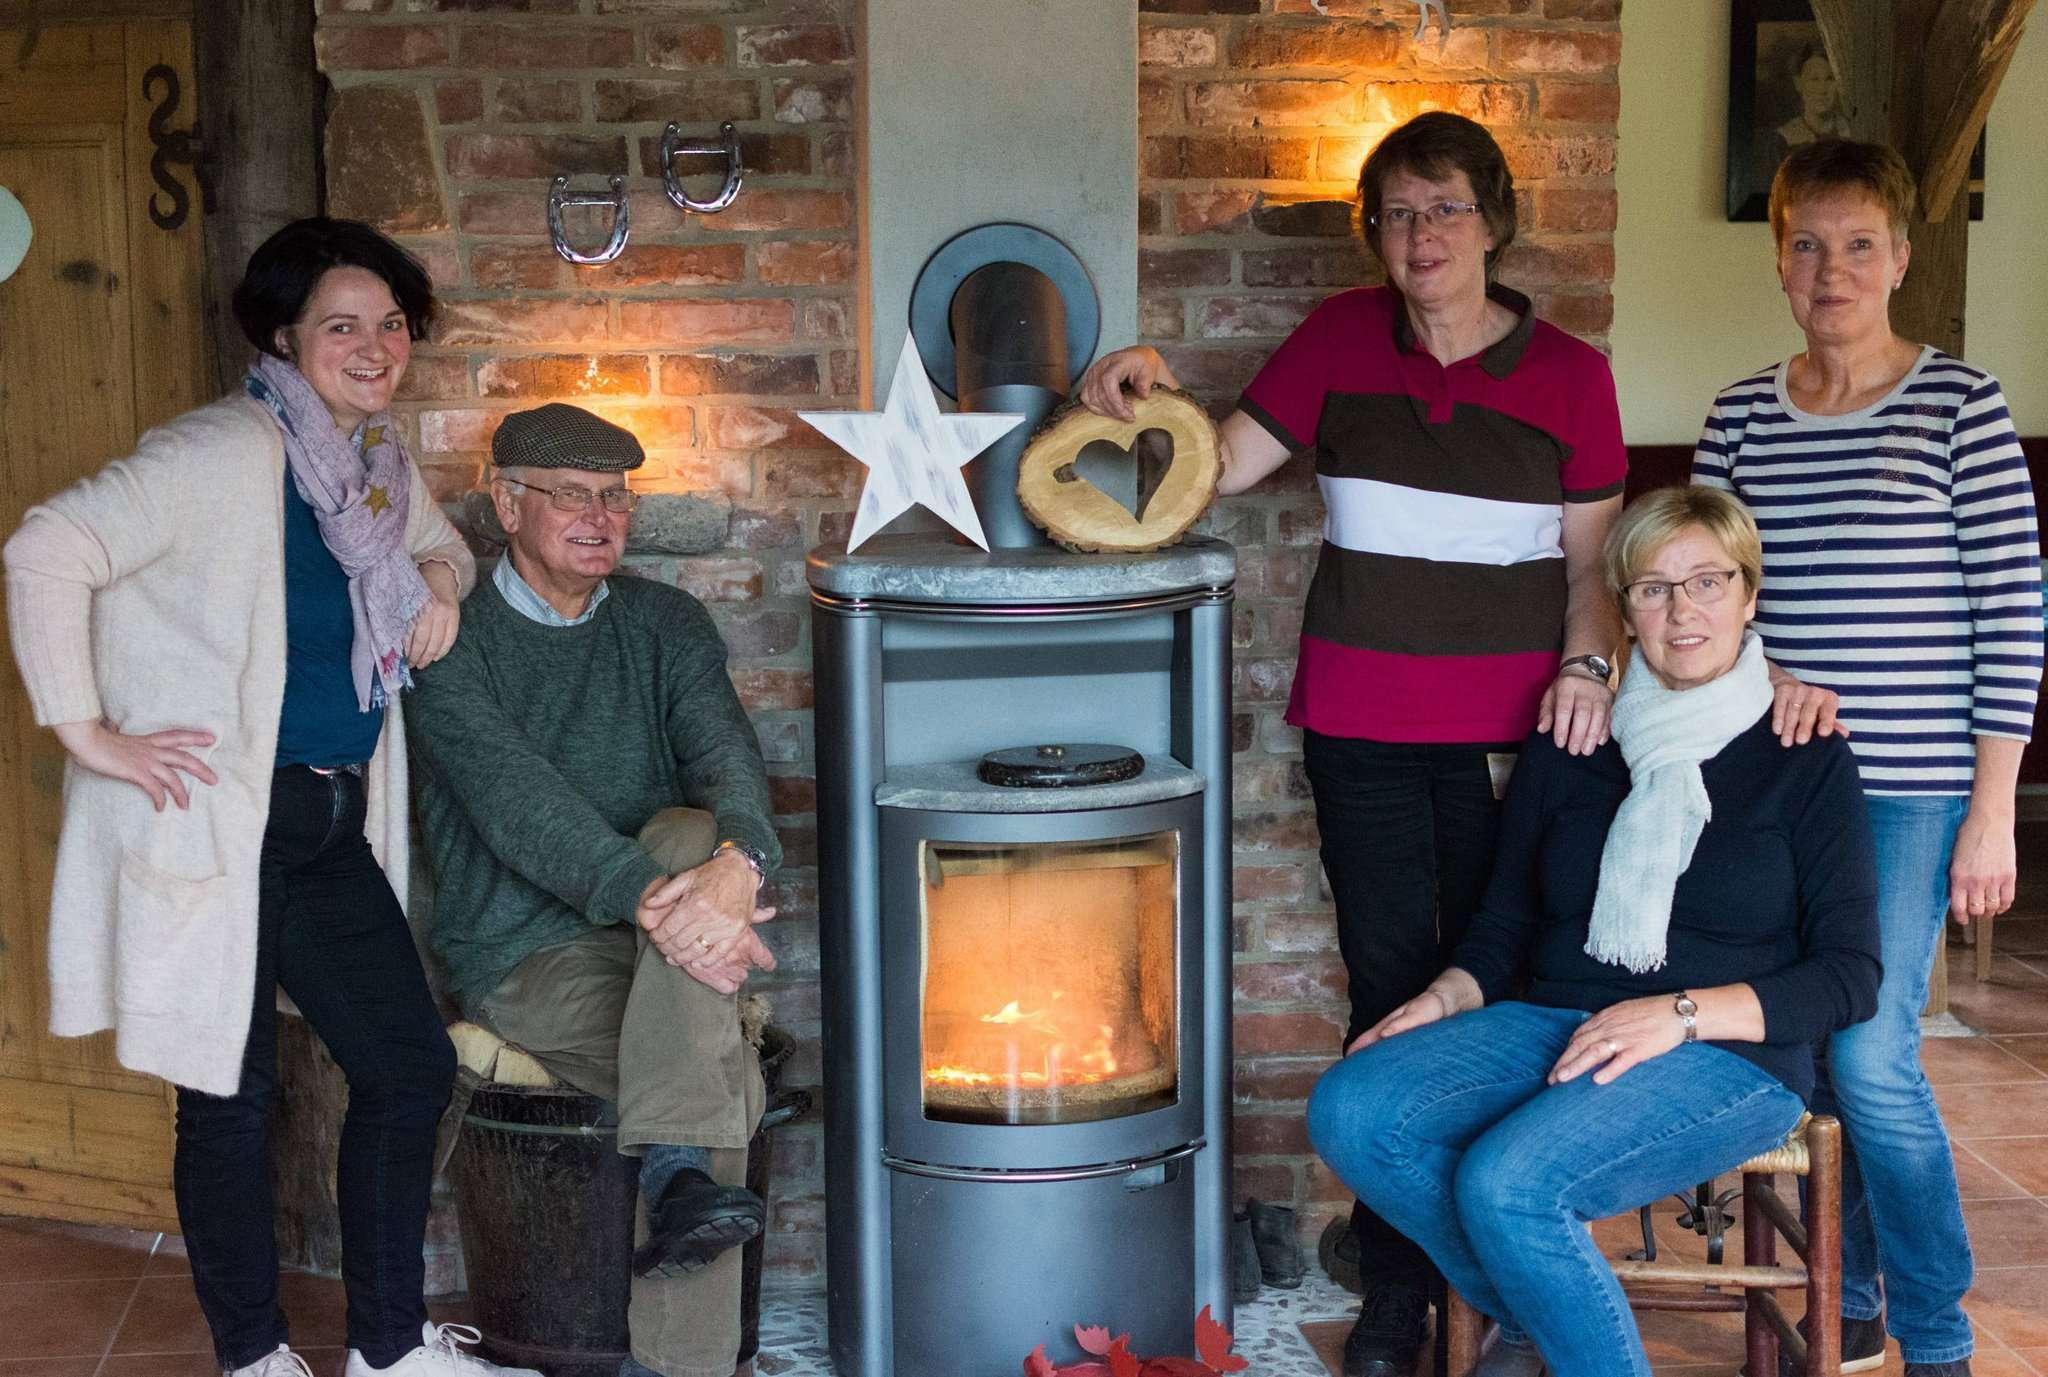 Carina Vajen (von links), Hans-Dieter Gerken, Sabine Gerken, Marianne Vajen und Ingrid Tietjen freuen sich auf das zweite Wintervergnügen. Foto: Klaus-Dieter Plage